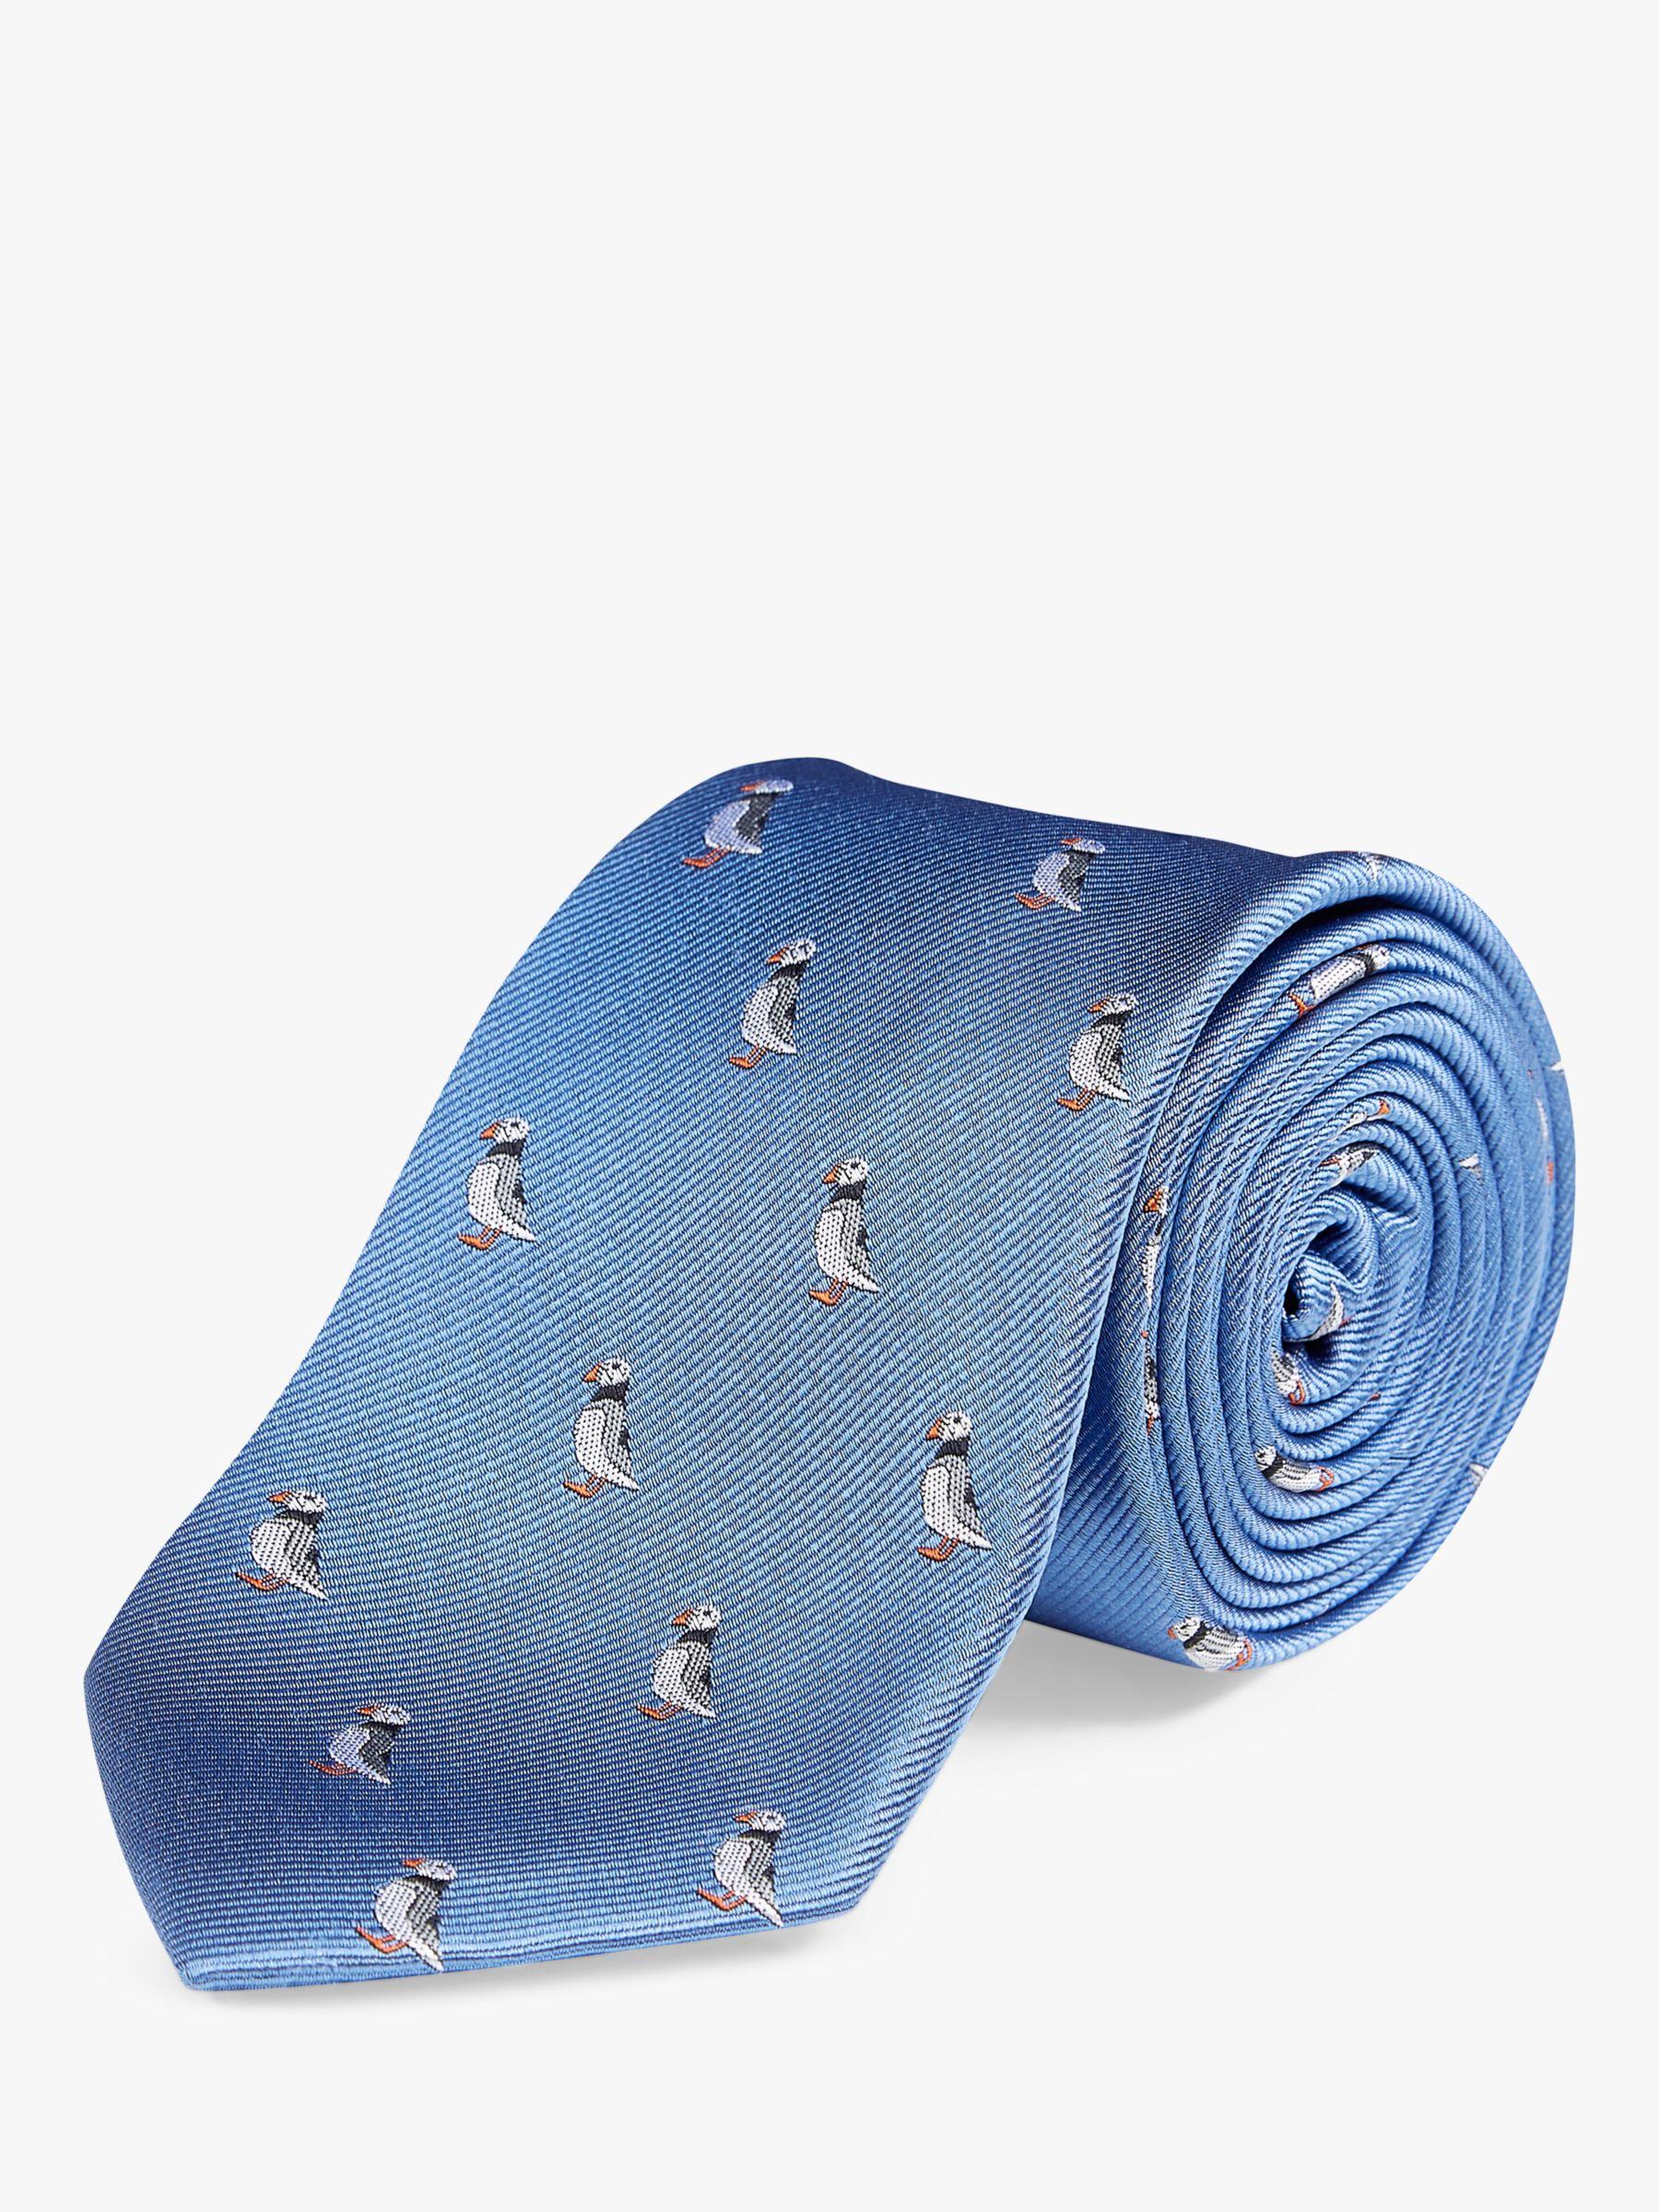 Chester by Chester Barrie Chester by Chester Barrie Puffin Silk Tie, Blue